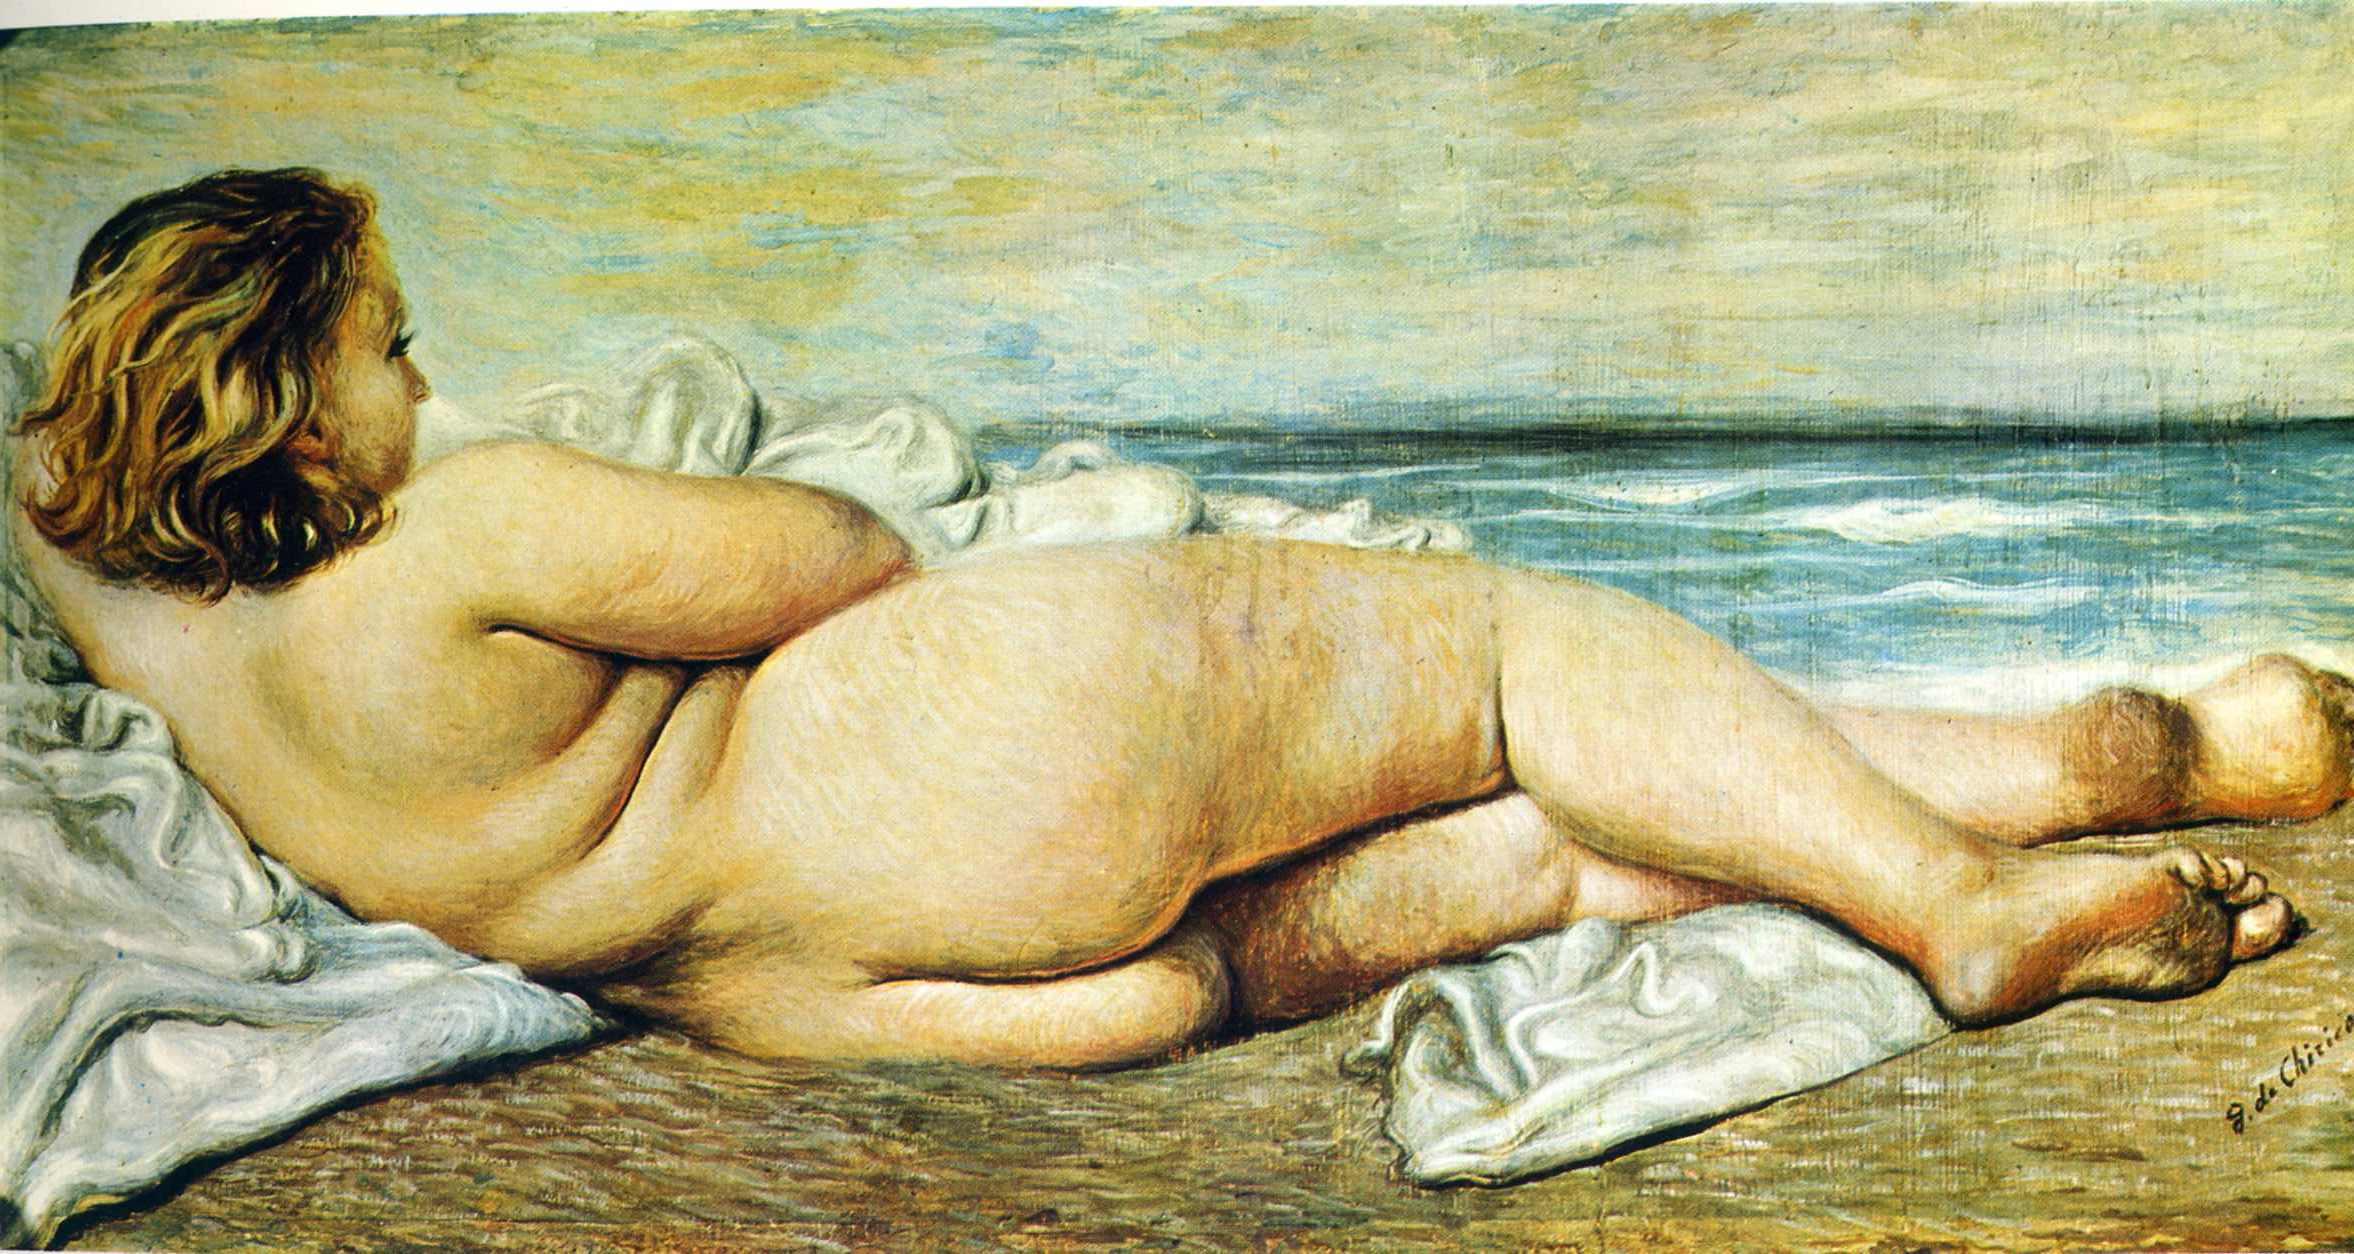 Nude Woman On The Beach By Greek Born Italian Artist Giorgio De